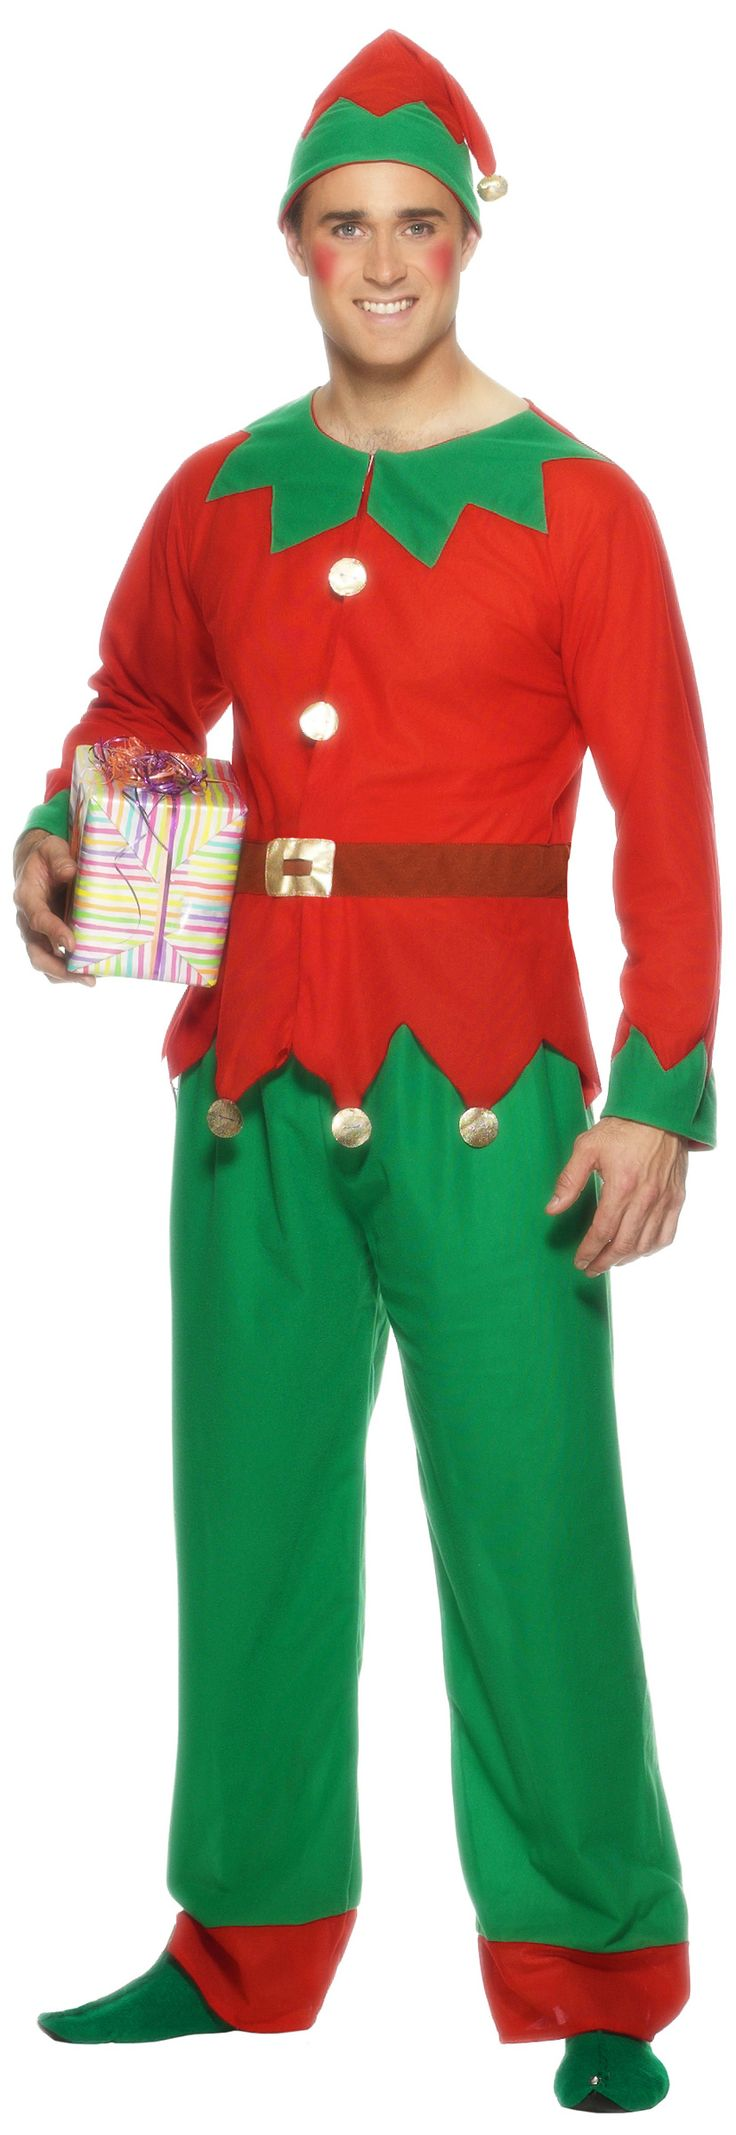 Déguisement elfe homme Noël : Ce déguisement de lutin pour homme comprend le haut, le pantalon, le chapeau, et la ceinture.Le pantalon de couleur rouge et vert est assorti à la tunique. La tunique comporte des...